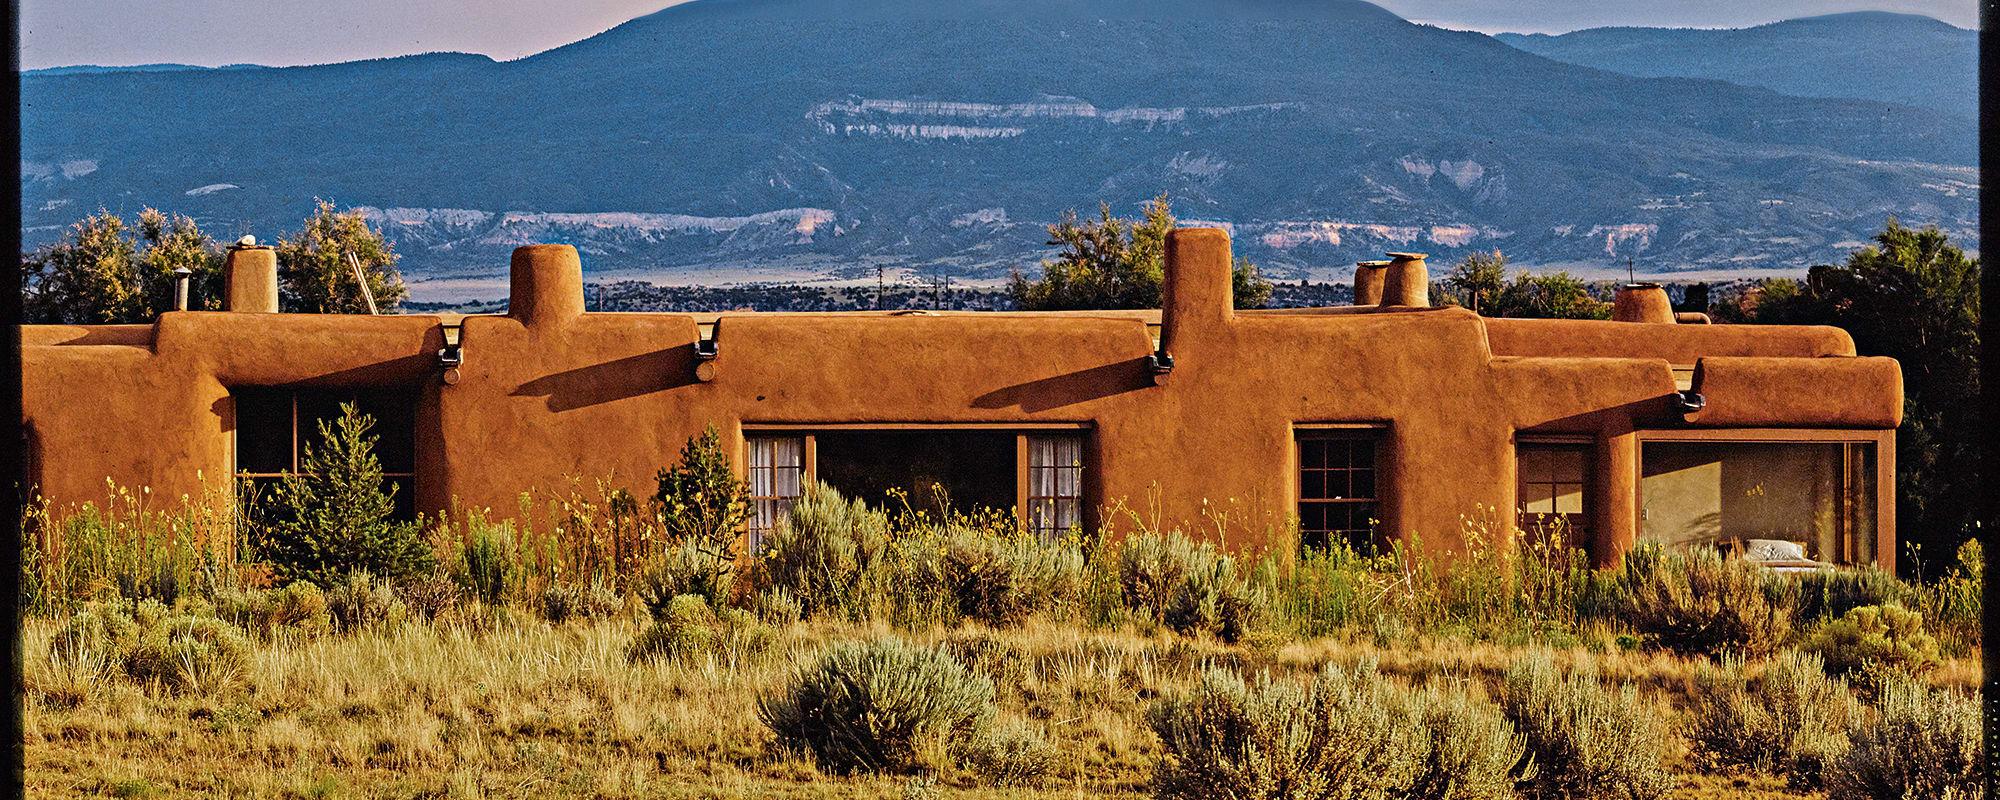 Georgia O'Keeffe, Villa, Pueblo, Architektur, New Mexico